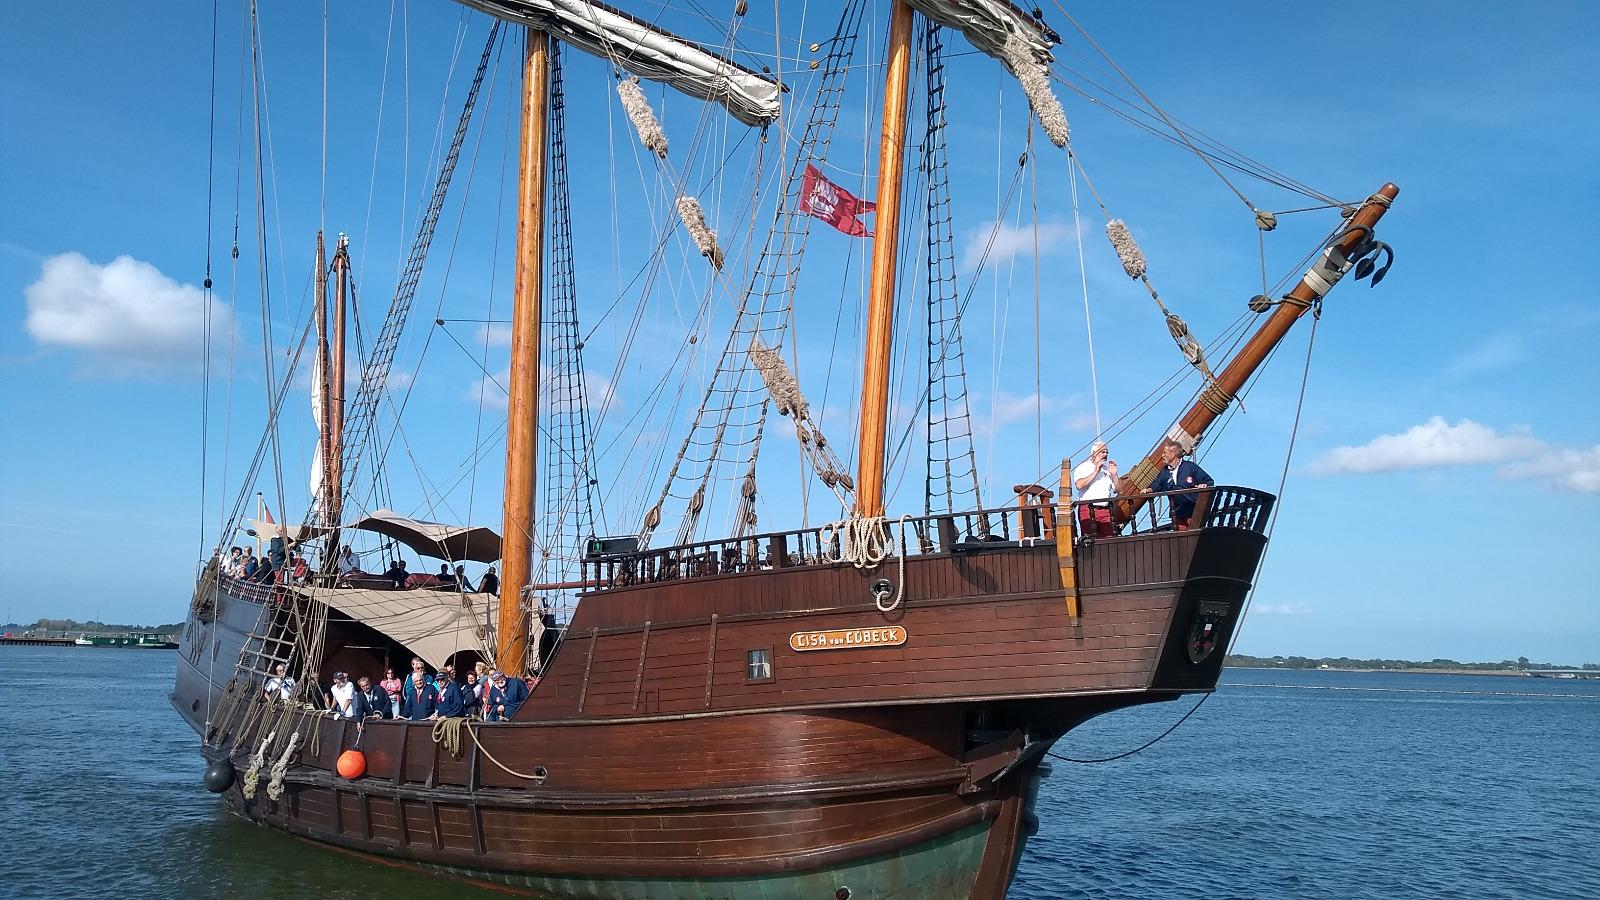 Seglarträff in Stralsund 2019